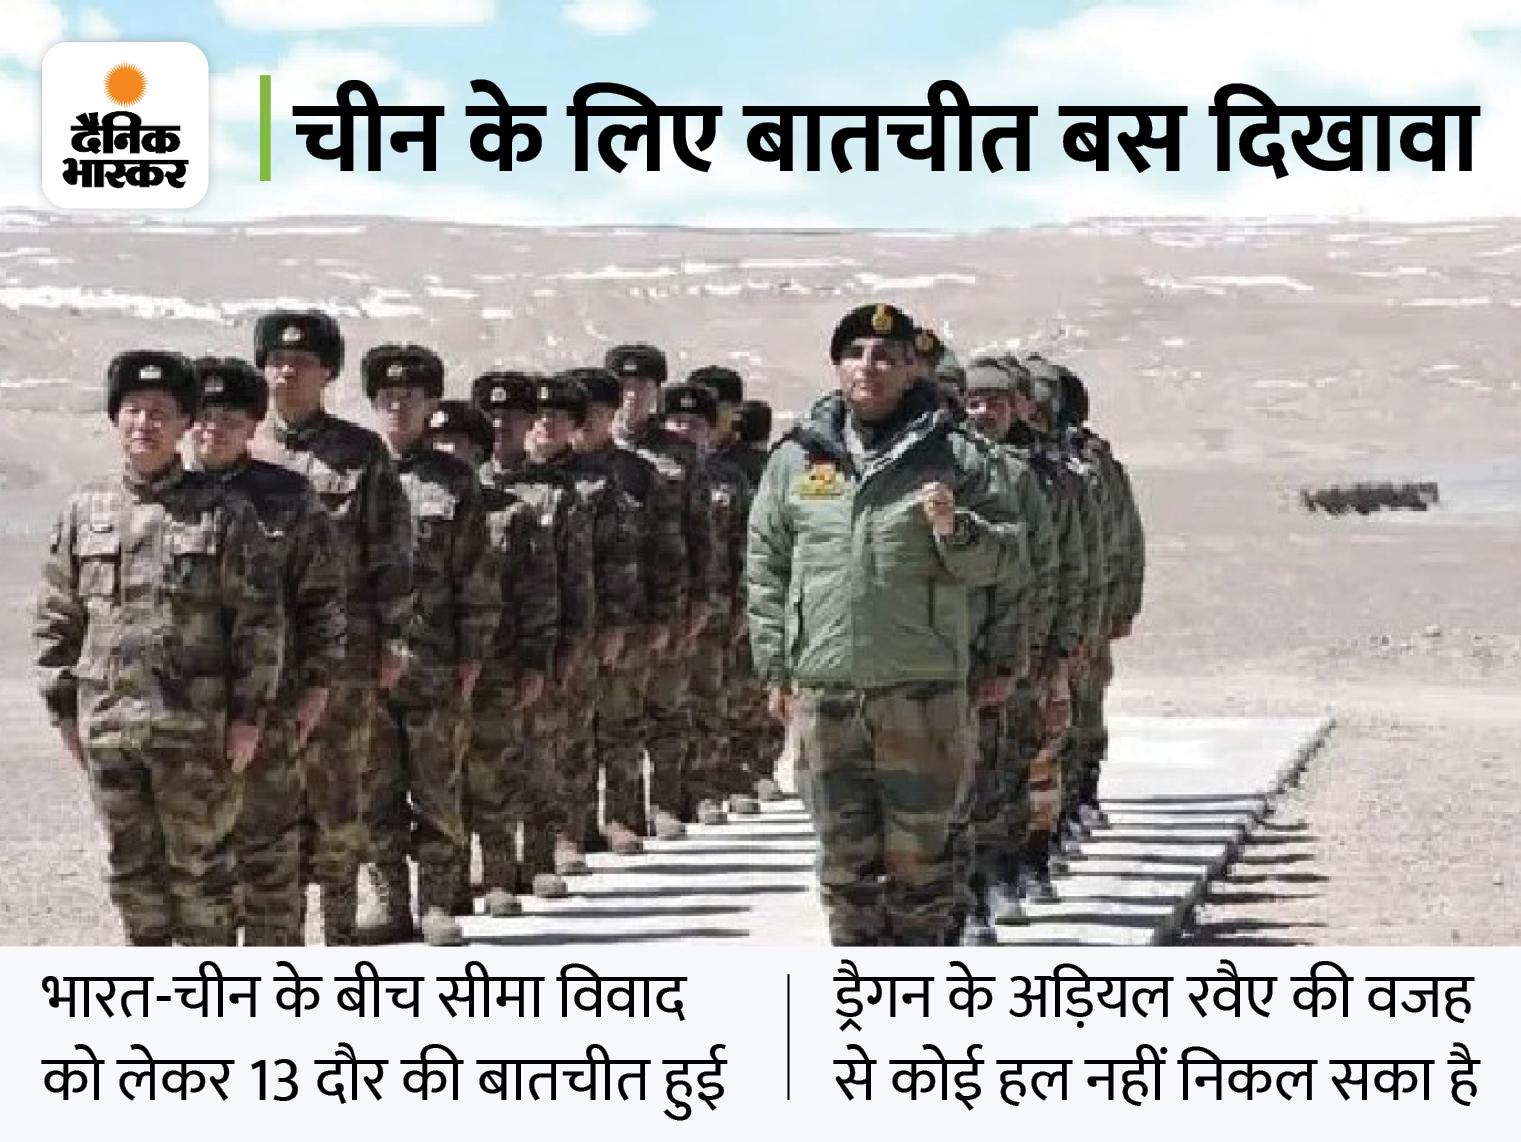 LAC विवाद खत्म करने को लेकर भारत के सुझाव मानने से चीन का इनकार, ड्रैगन बोला- भारतीय सेना की मांग अतार्किक देश,National - Dainik Bhaskar